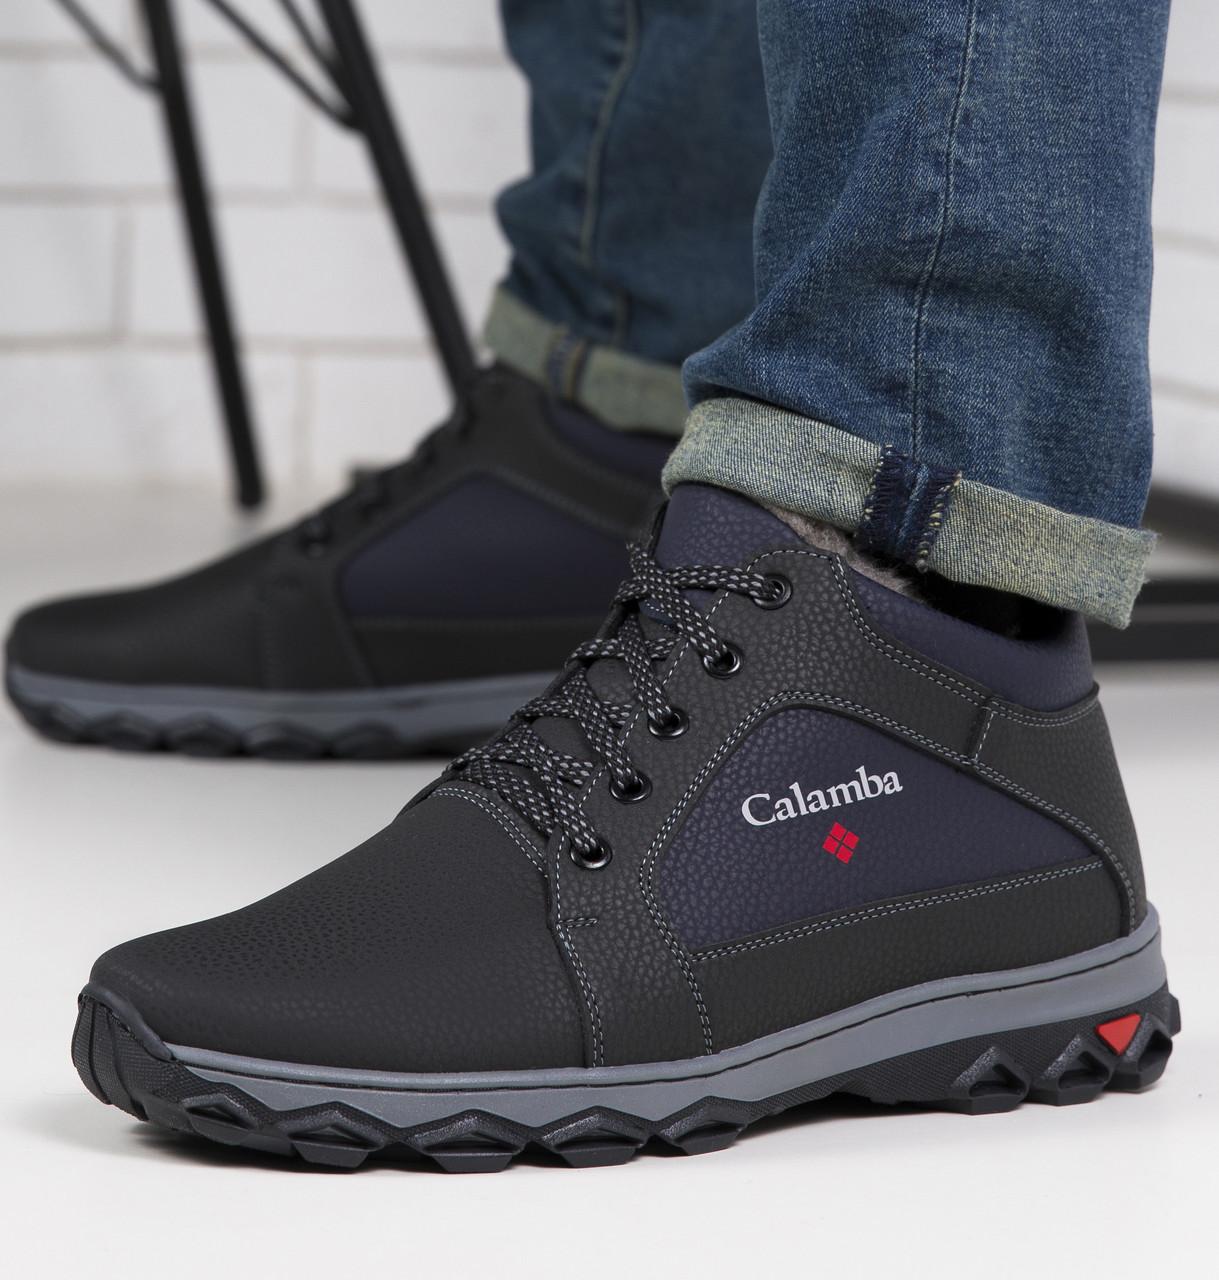 Ботинки мужские зимние -20°C